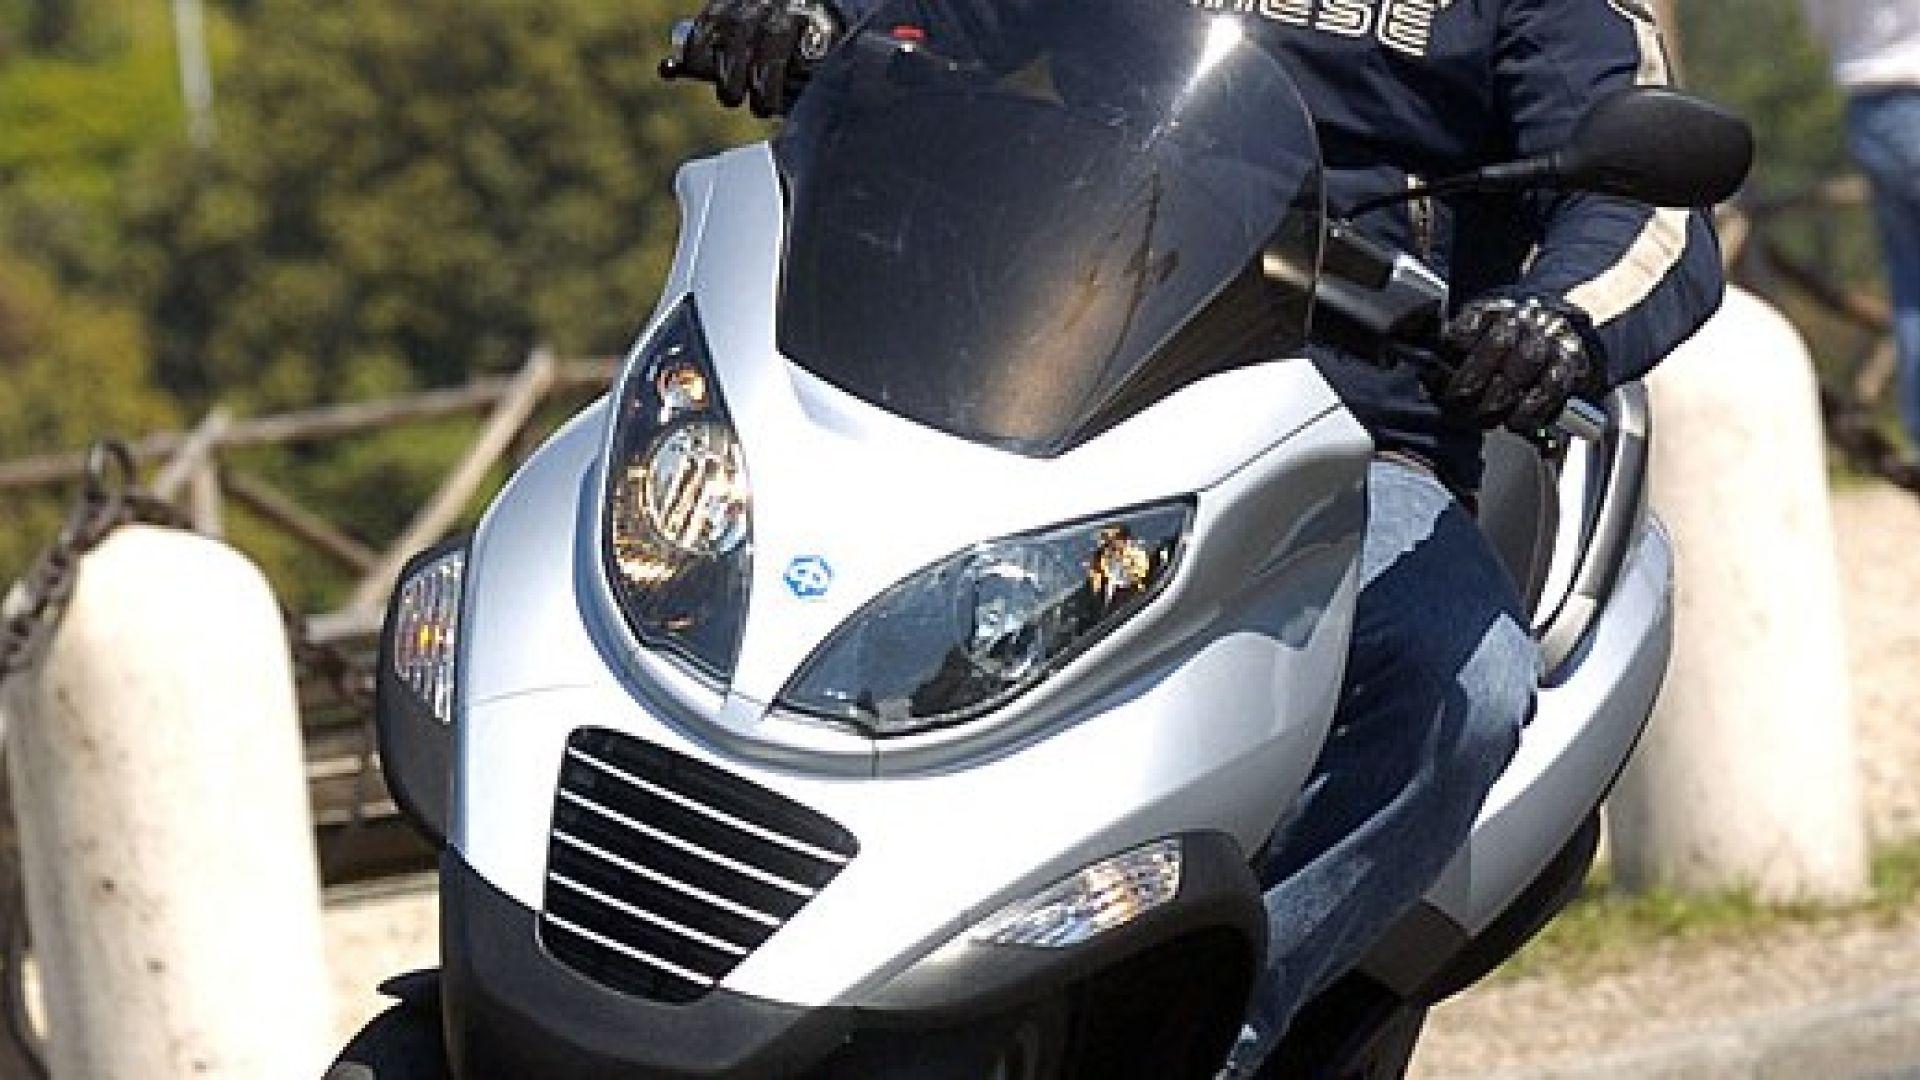 Immagine 27: Piaggio MP3, lo scooter con tre ruote